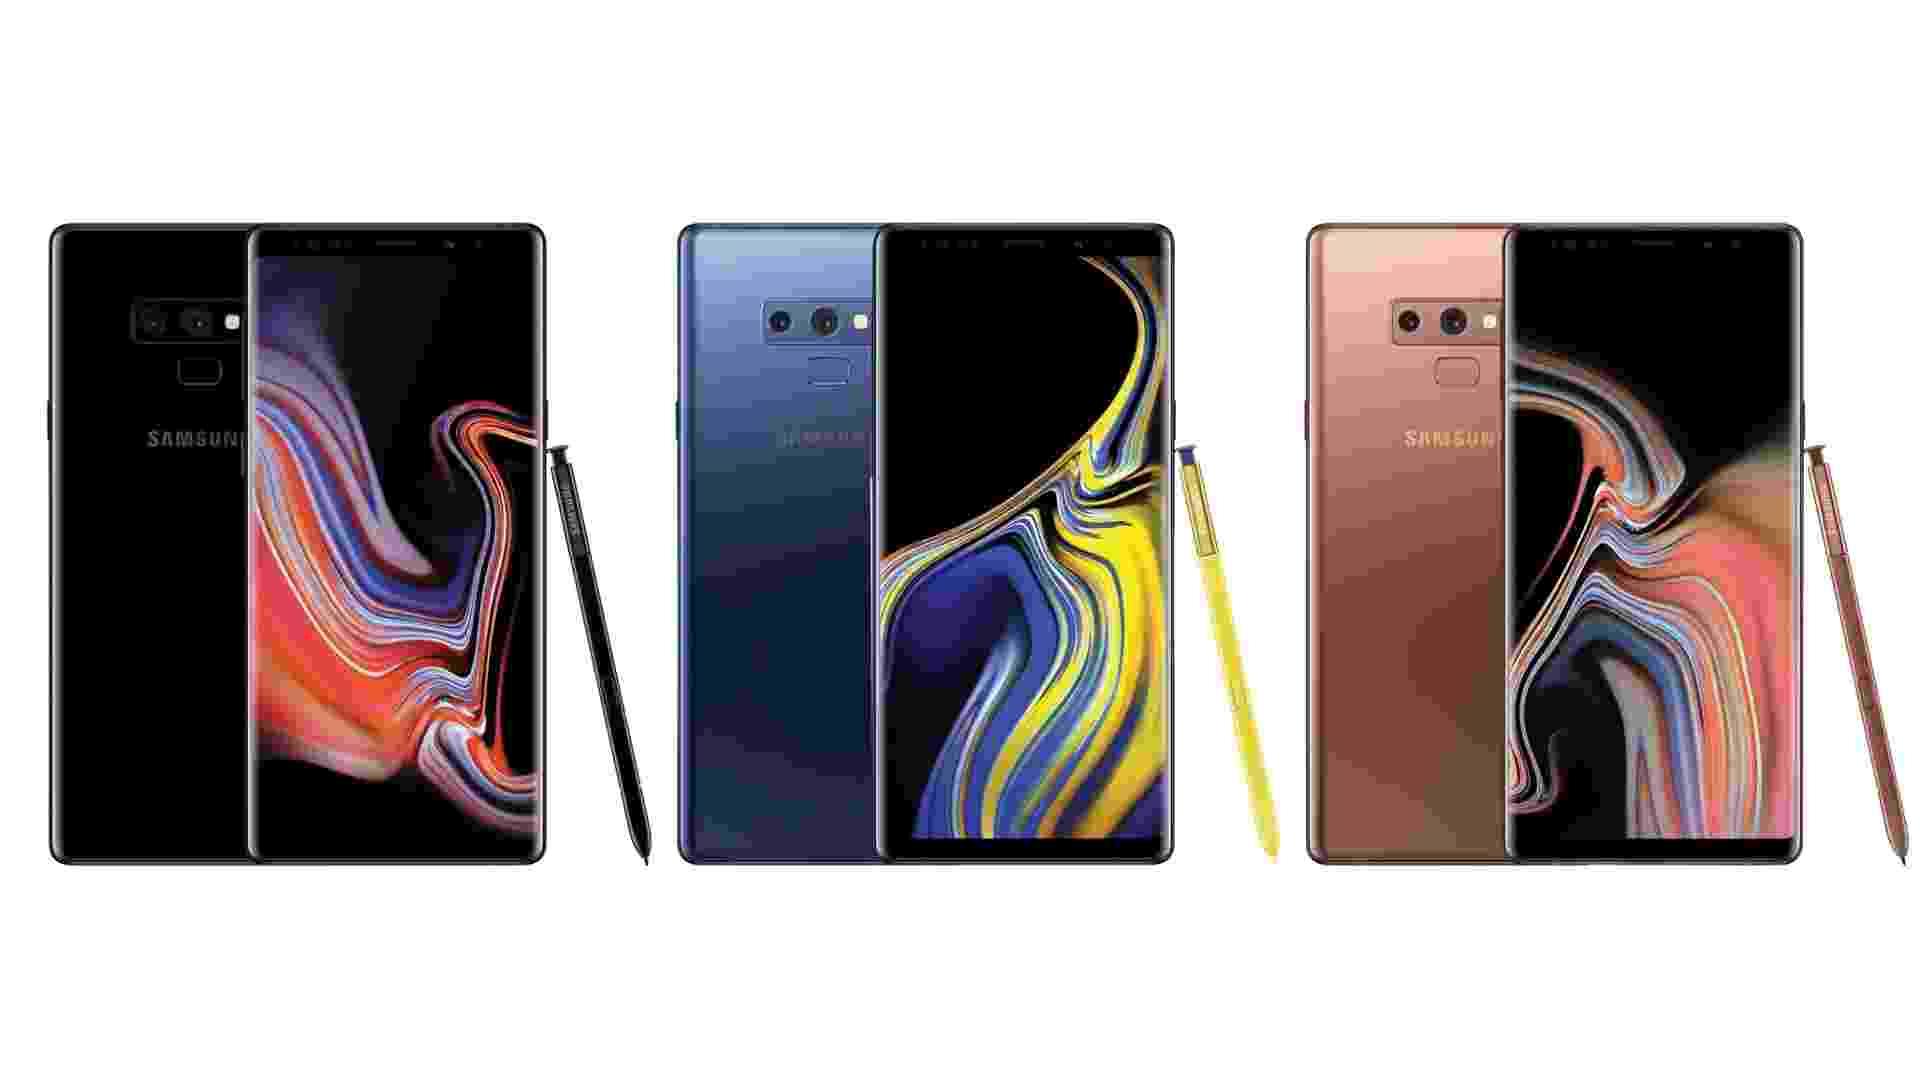 24.jul.2018 - Supostos visuais do Galaxy Note 9 divulgados pelo jornalista Evan Blass - Reprodução/Twitter @evleaks